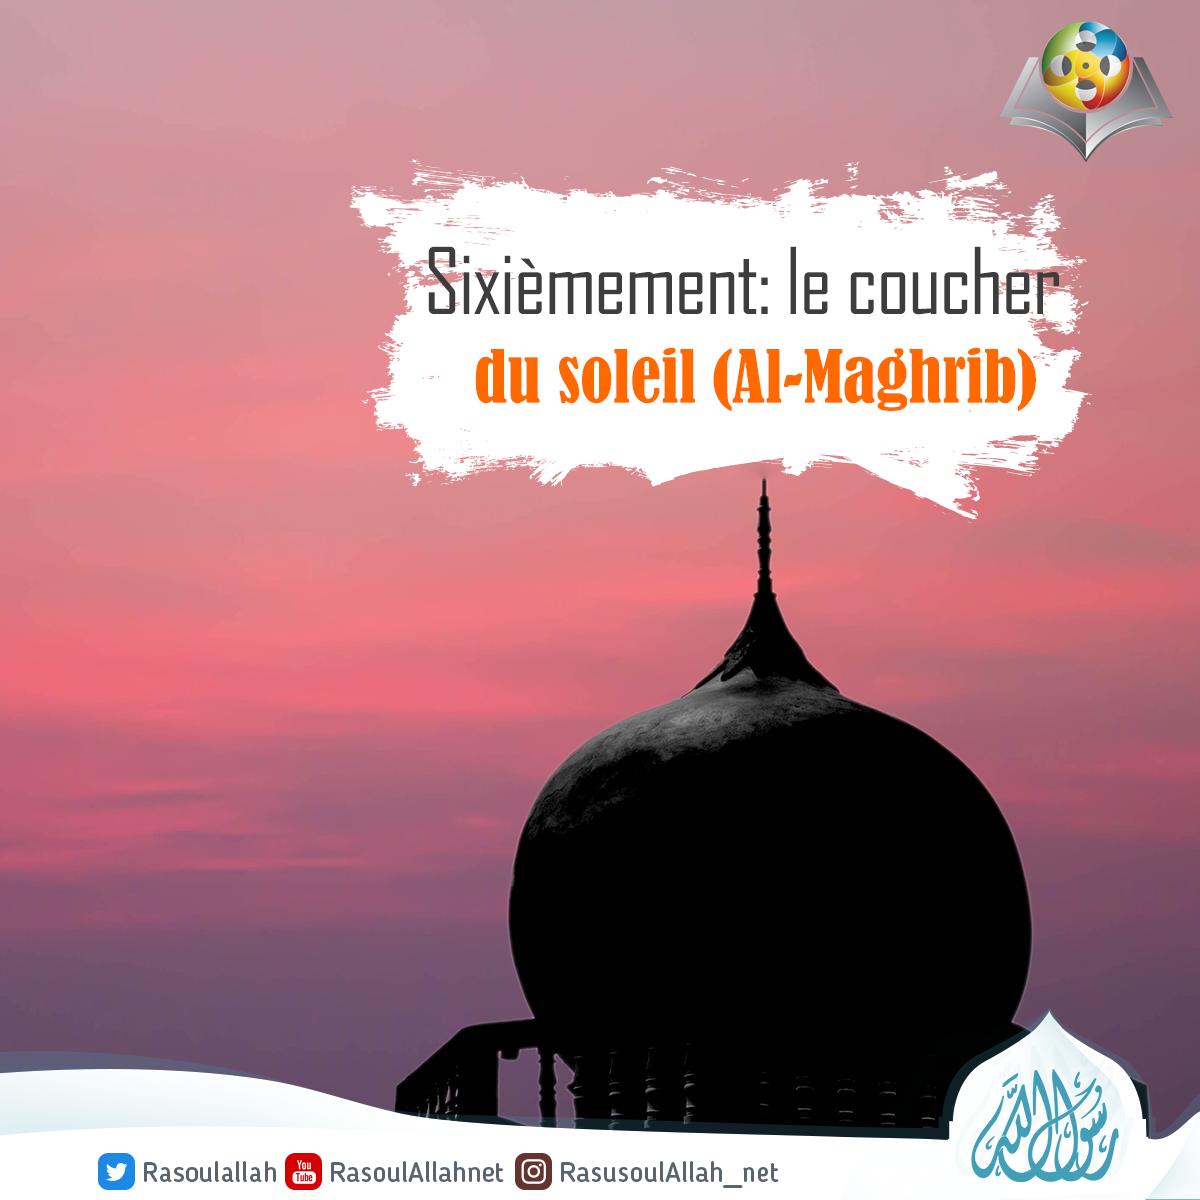 Sixièmement: le coucher du soleil (Al-Maghrib)